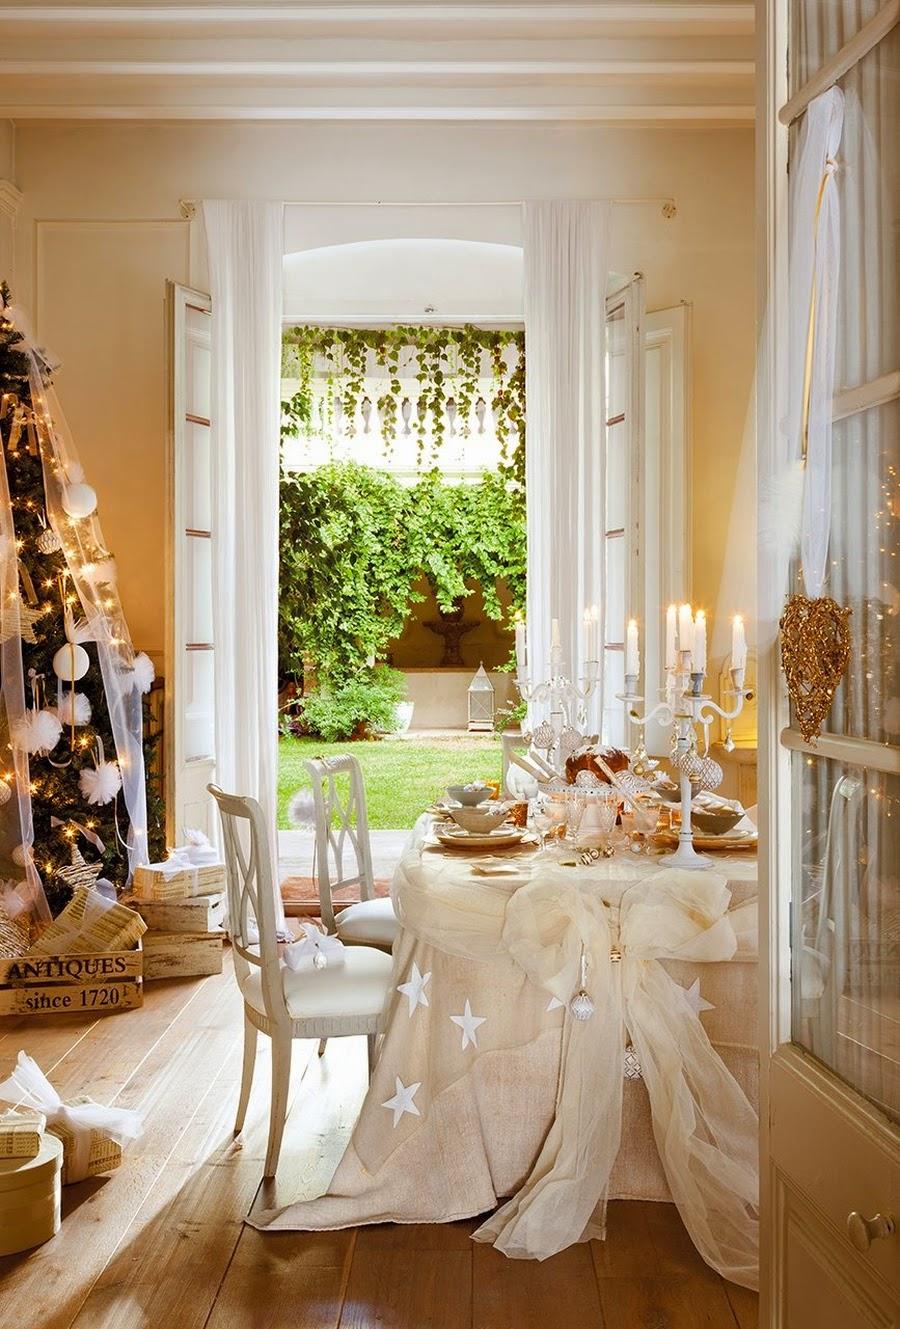 wystrój wnętrz, home decor, wnętrza, styl francuski, urządzanie mieszkania, Boże Narodzenie, Święta, zima, ozdoby świąteczne, styl francuski, białe wnętrza, biel, styl skandynawski, złote akcenty, choinka, salon, jadalnia, dekoracja stołu